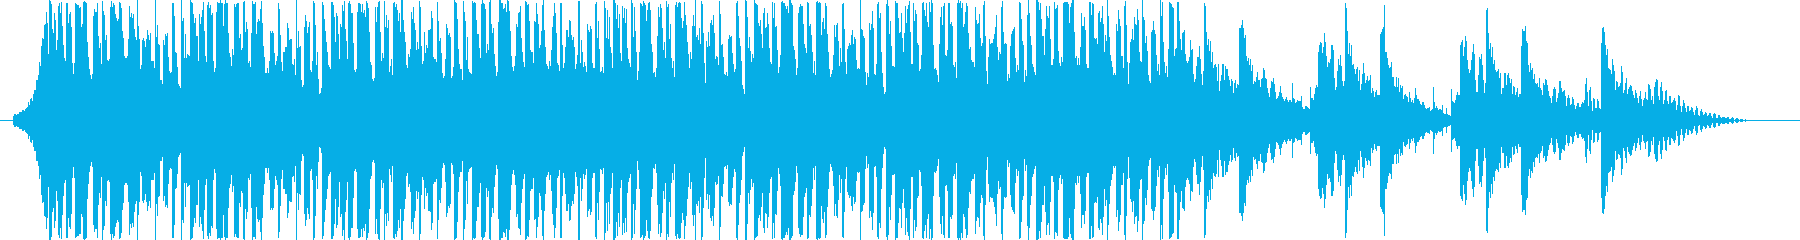 テクノポップ風ジングル・サウンドロゴの再生済みの波形